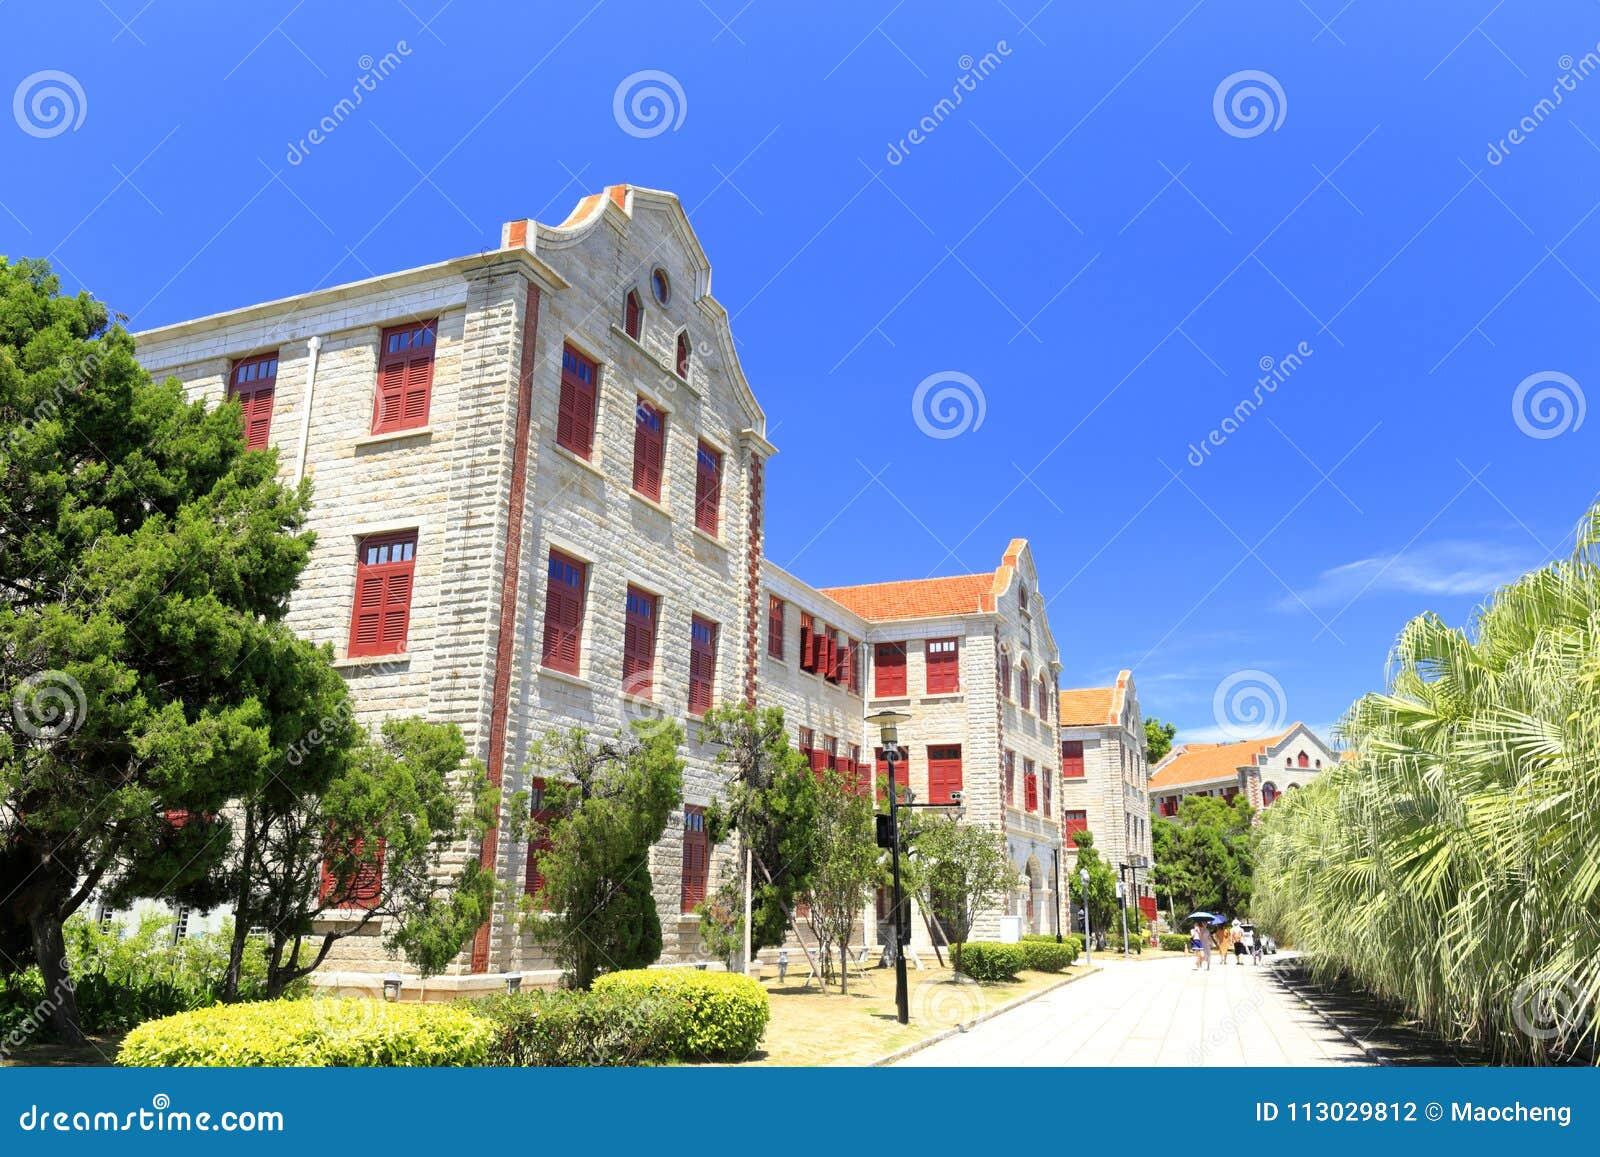 Construcción de escuelas antigua en el campus universitario de Xiamen, adobe rgb